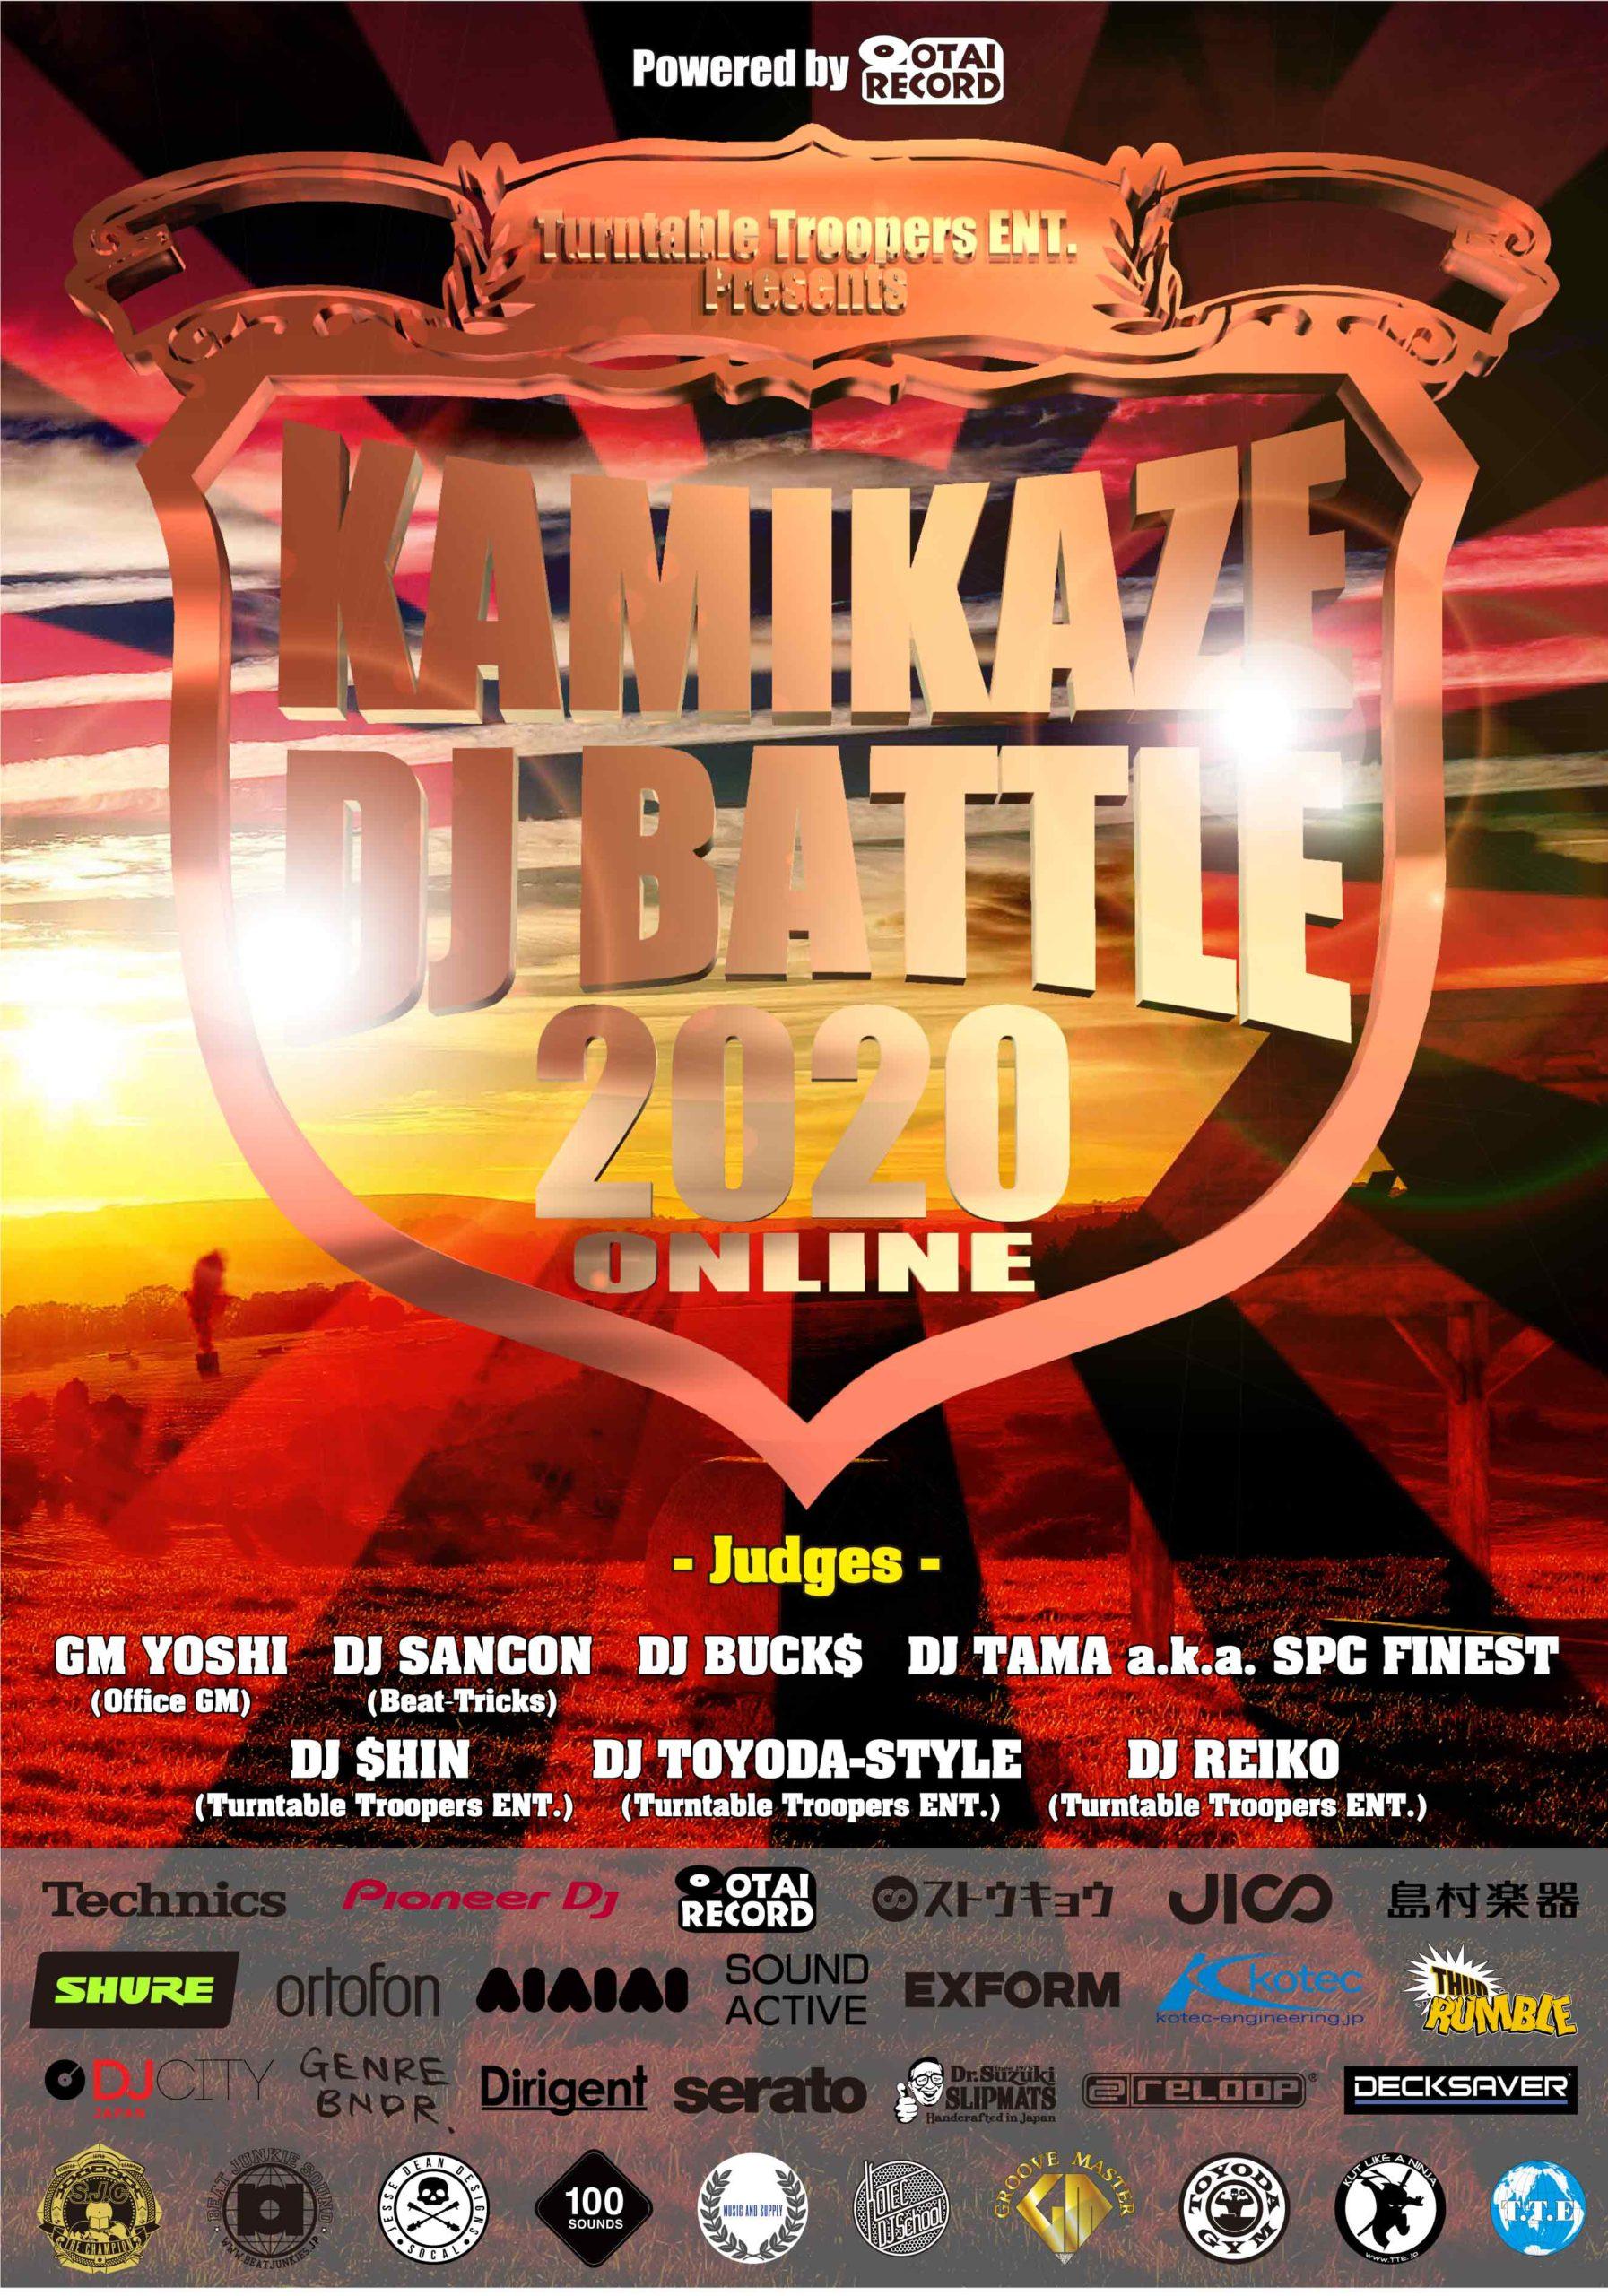 KAMIKAZE DH BATTLE 2020 online